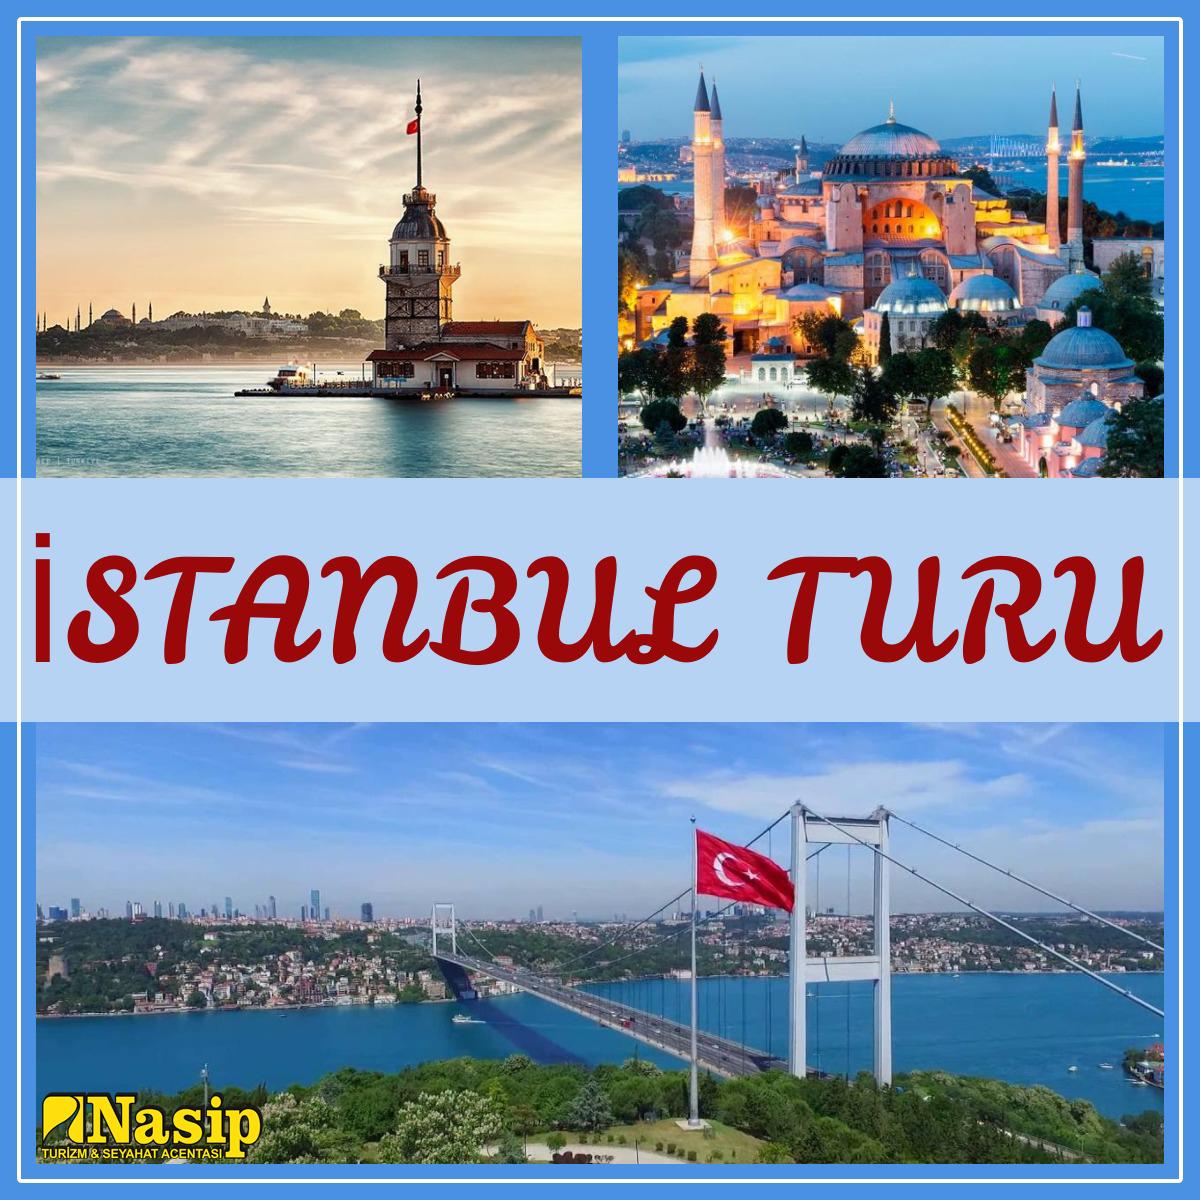 İSTANBUL TURU 29.10.2020 2 GECE 3 GÜN